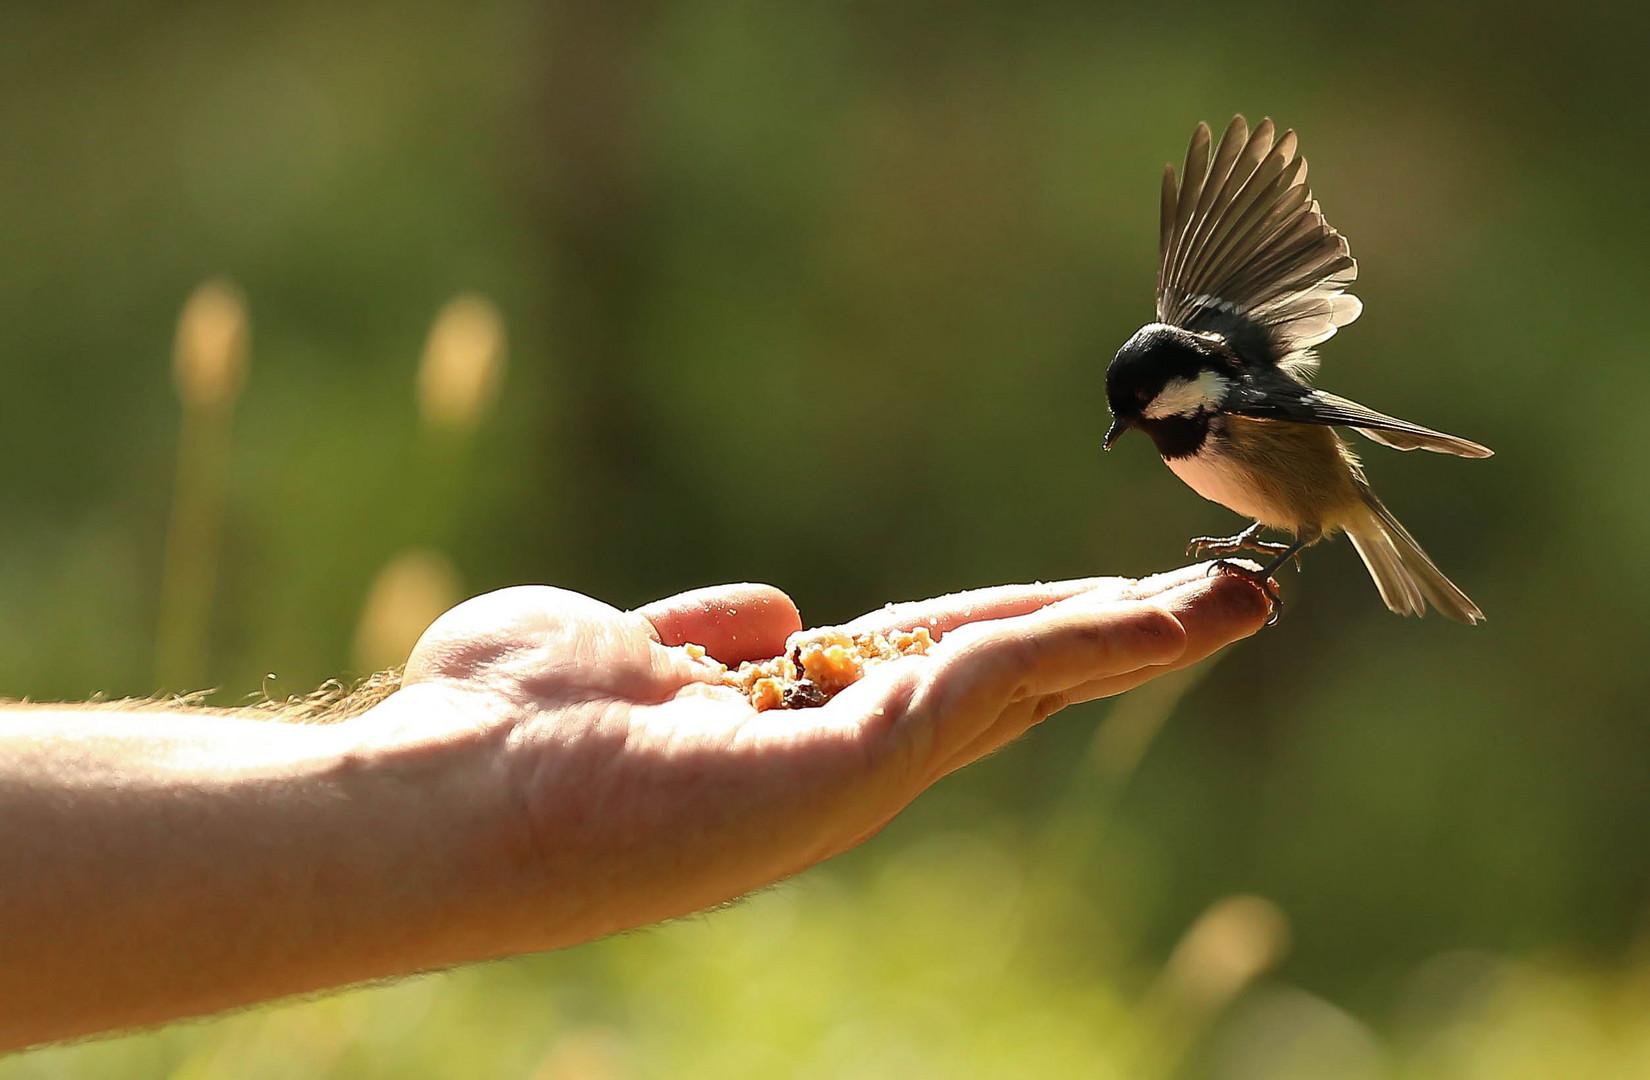 Feet the Bird